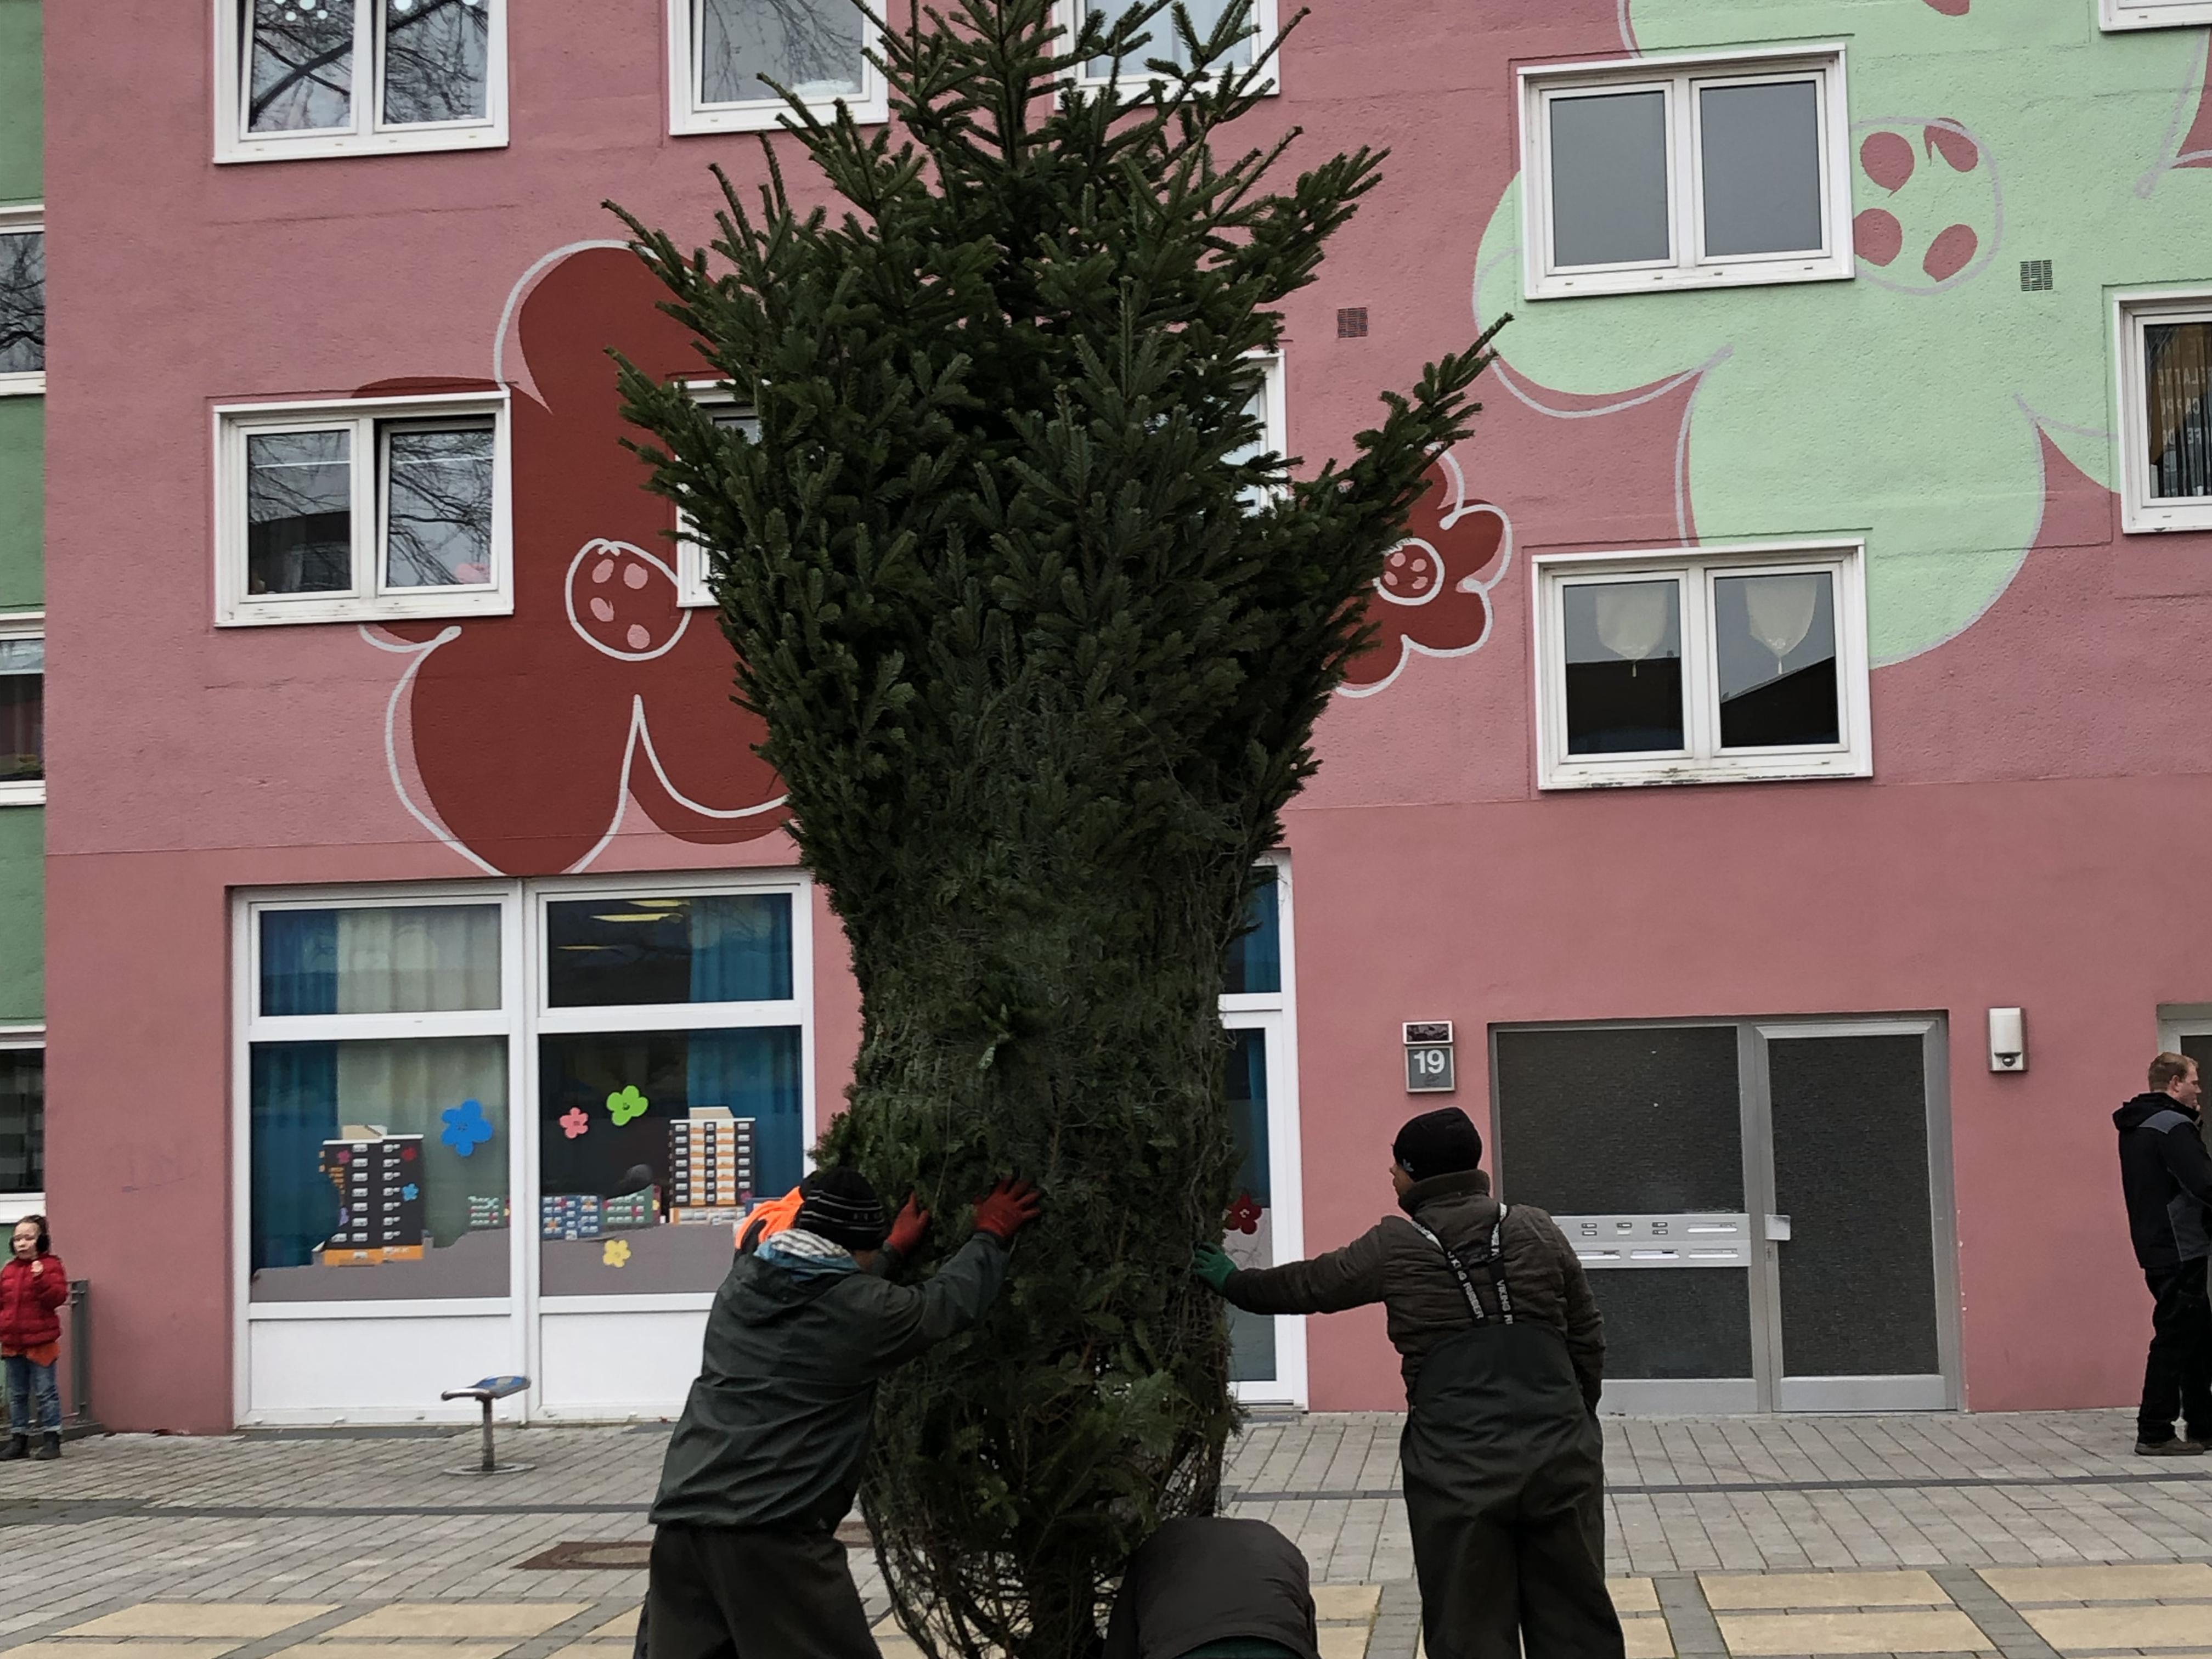 Geschäftskunden, ein großer Baum wird aufgestellt